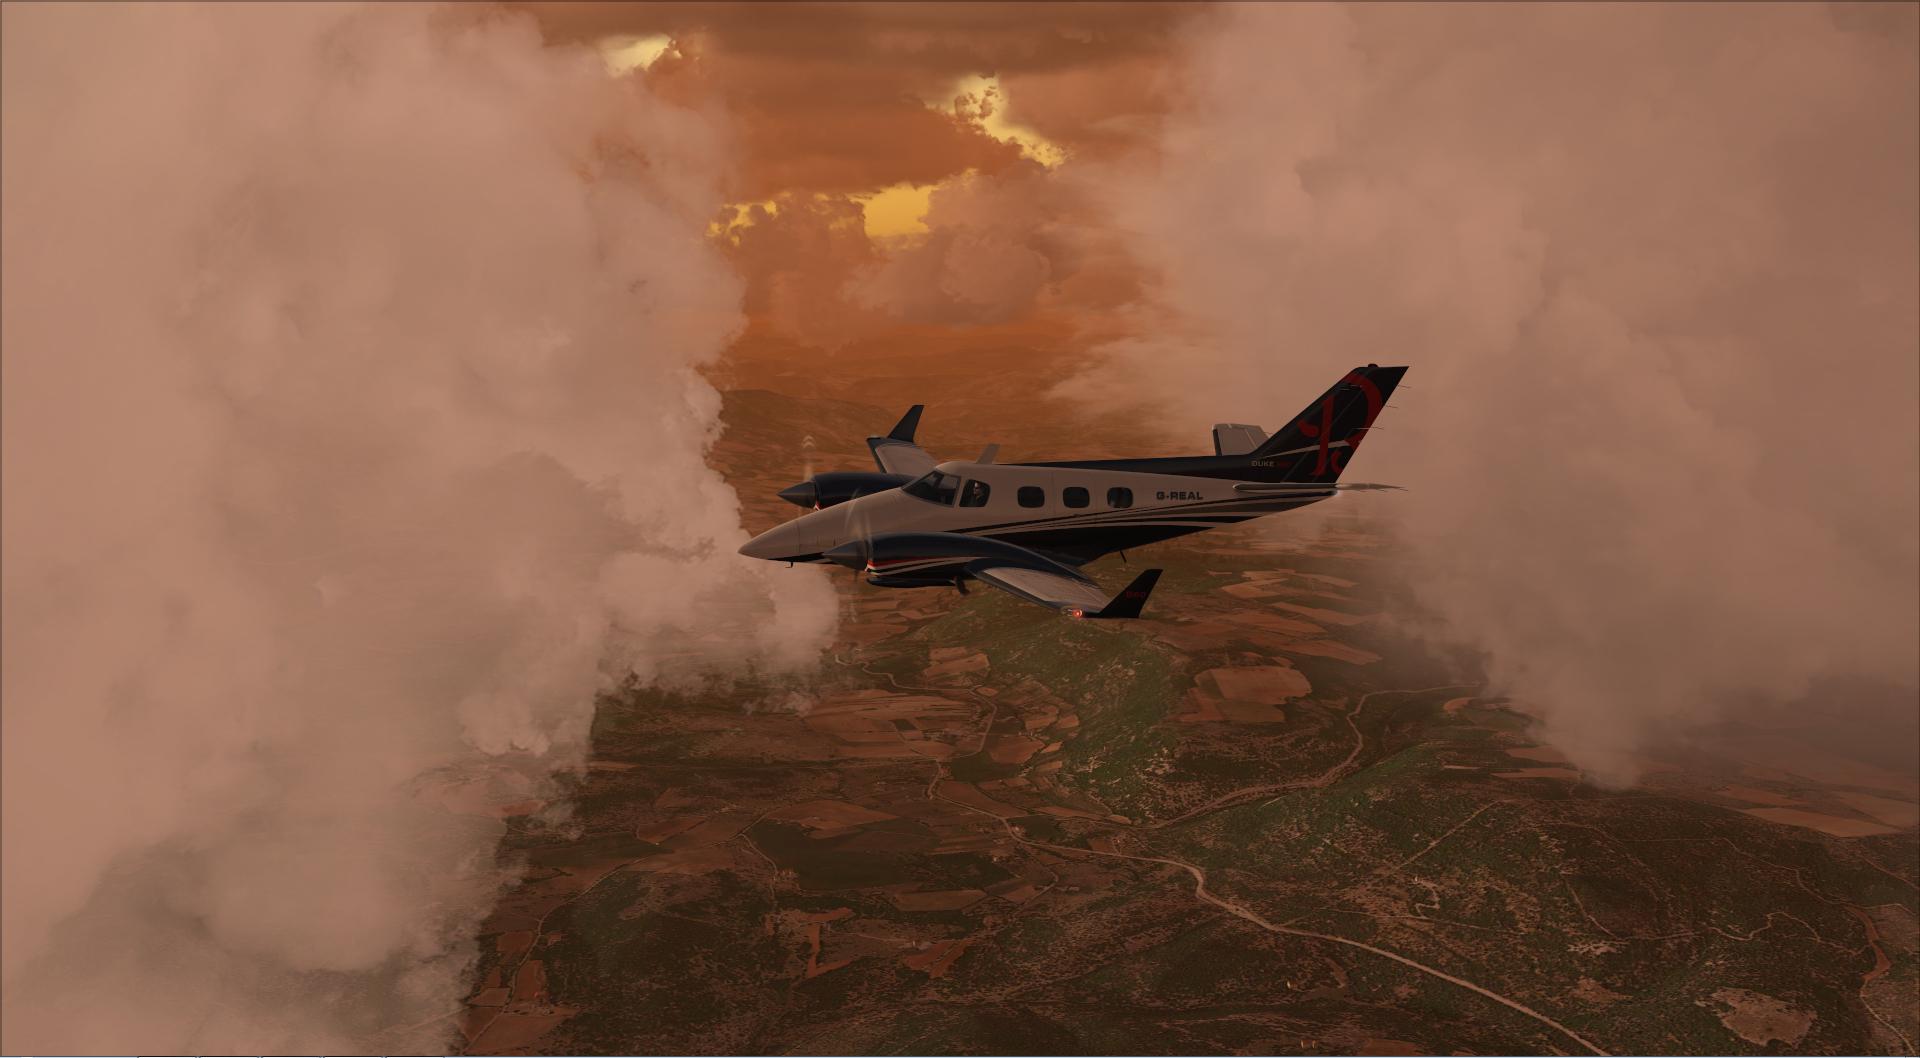 Les vols de vacances  198699201471521425635